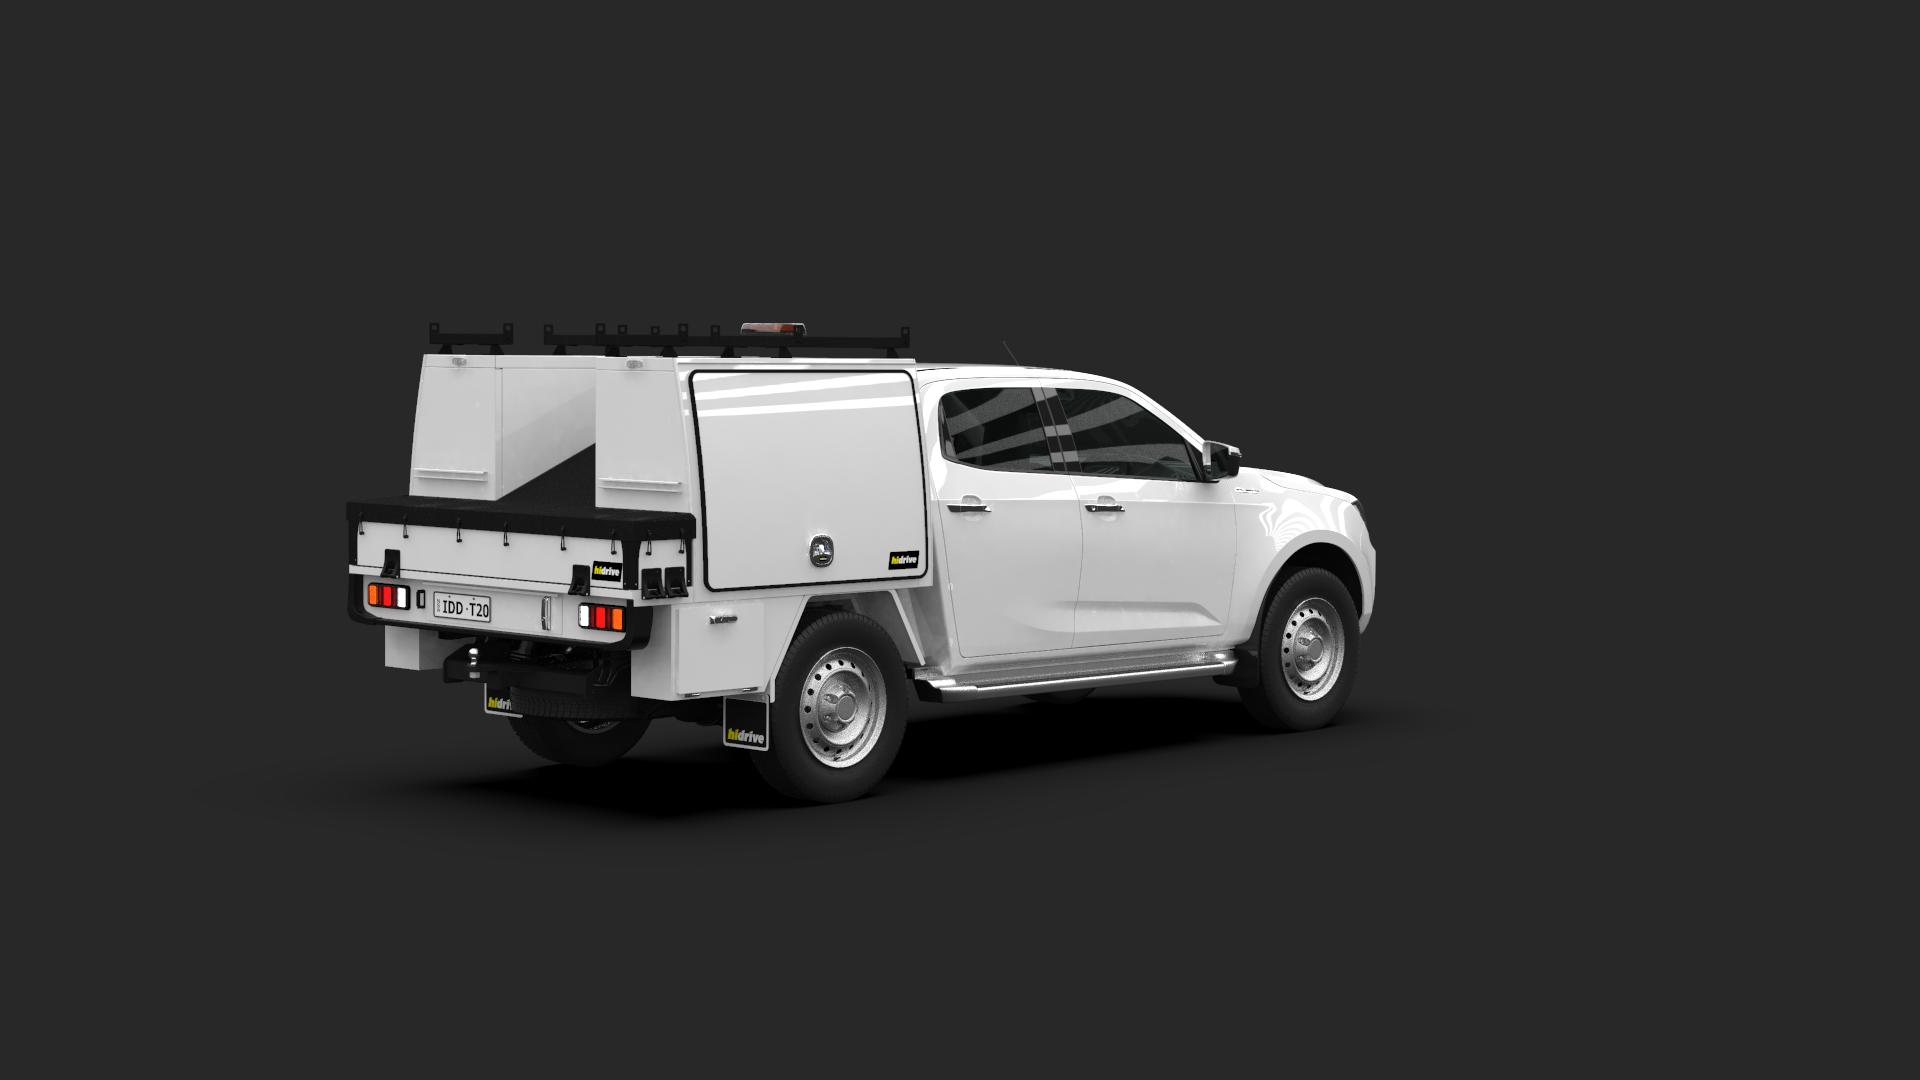 Isuzu D-Max Crew Cab Tool Module